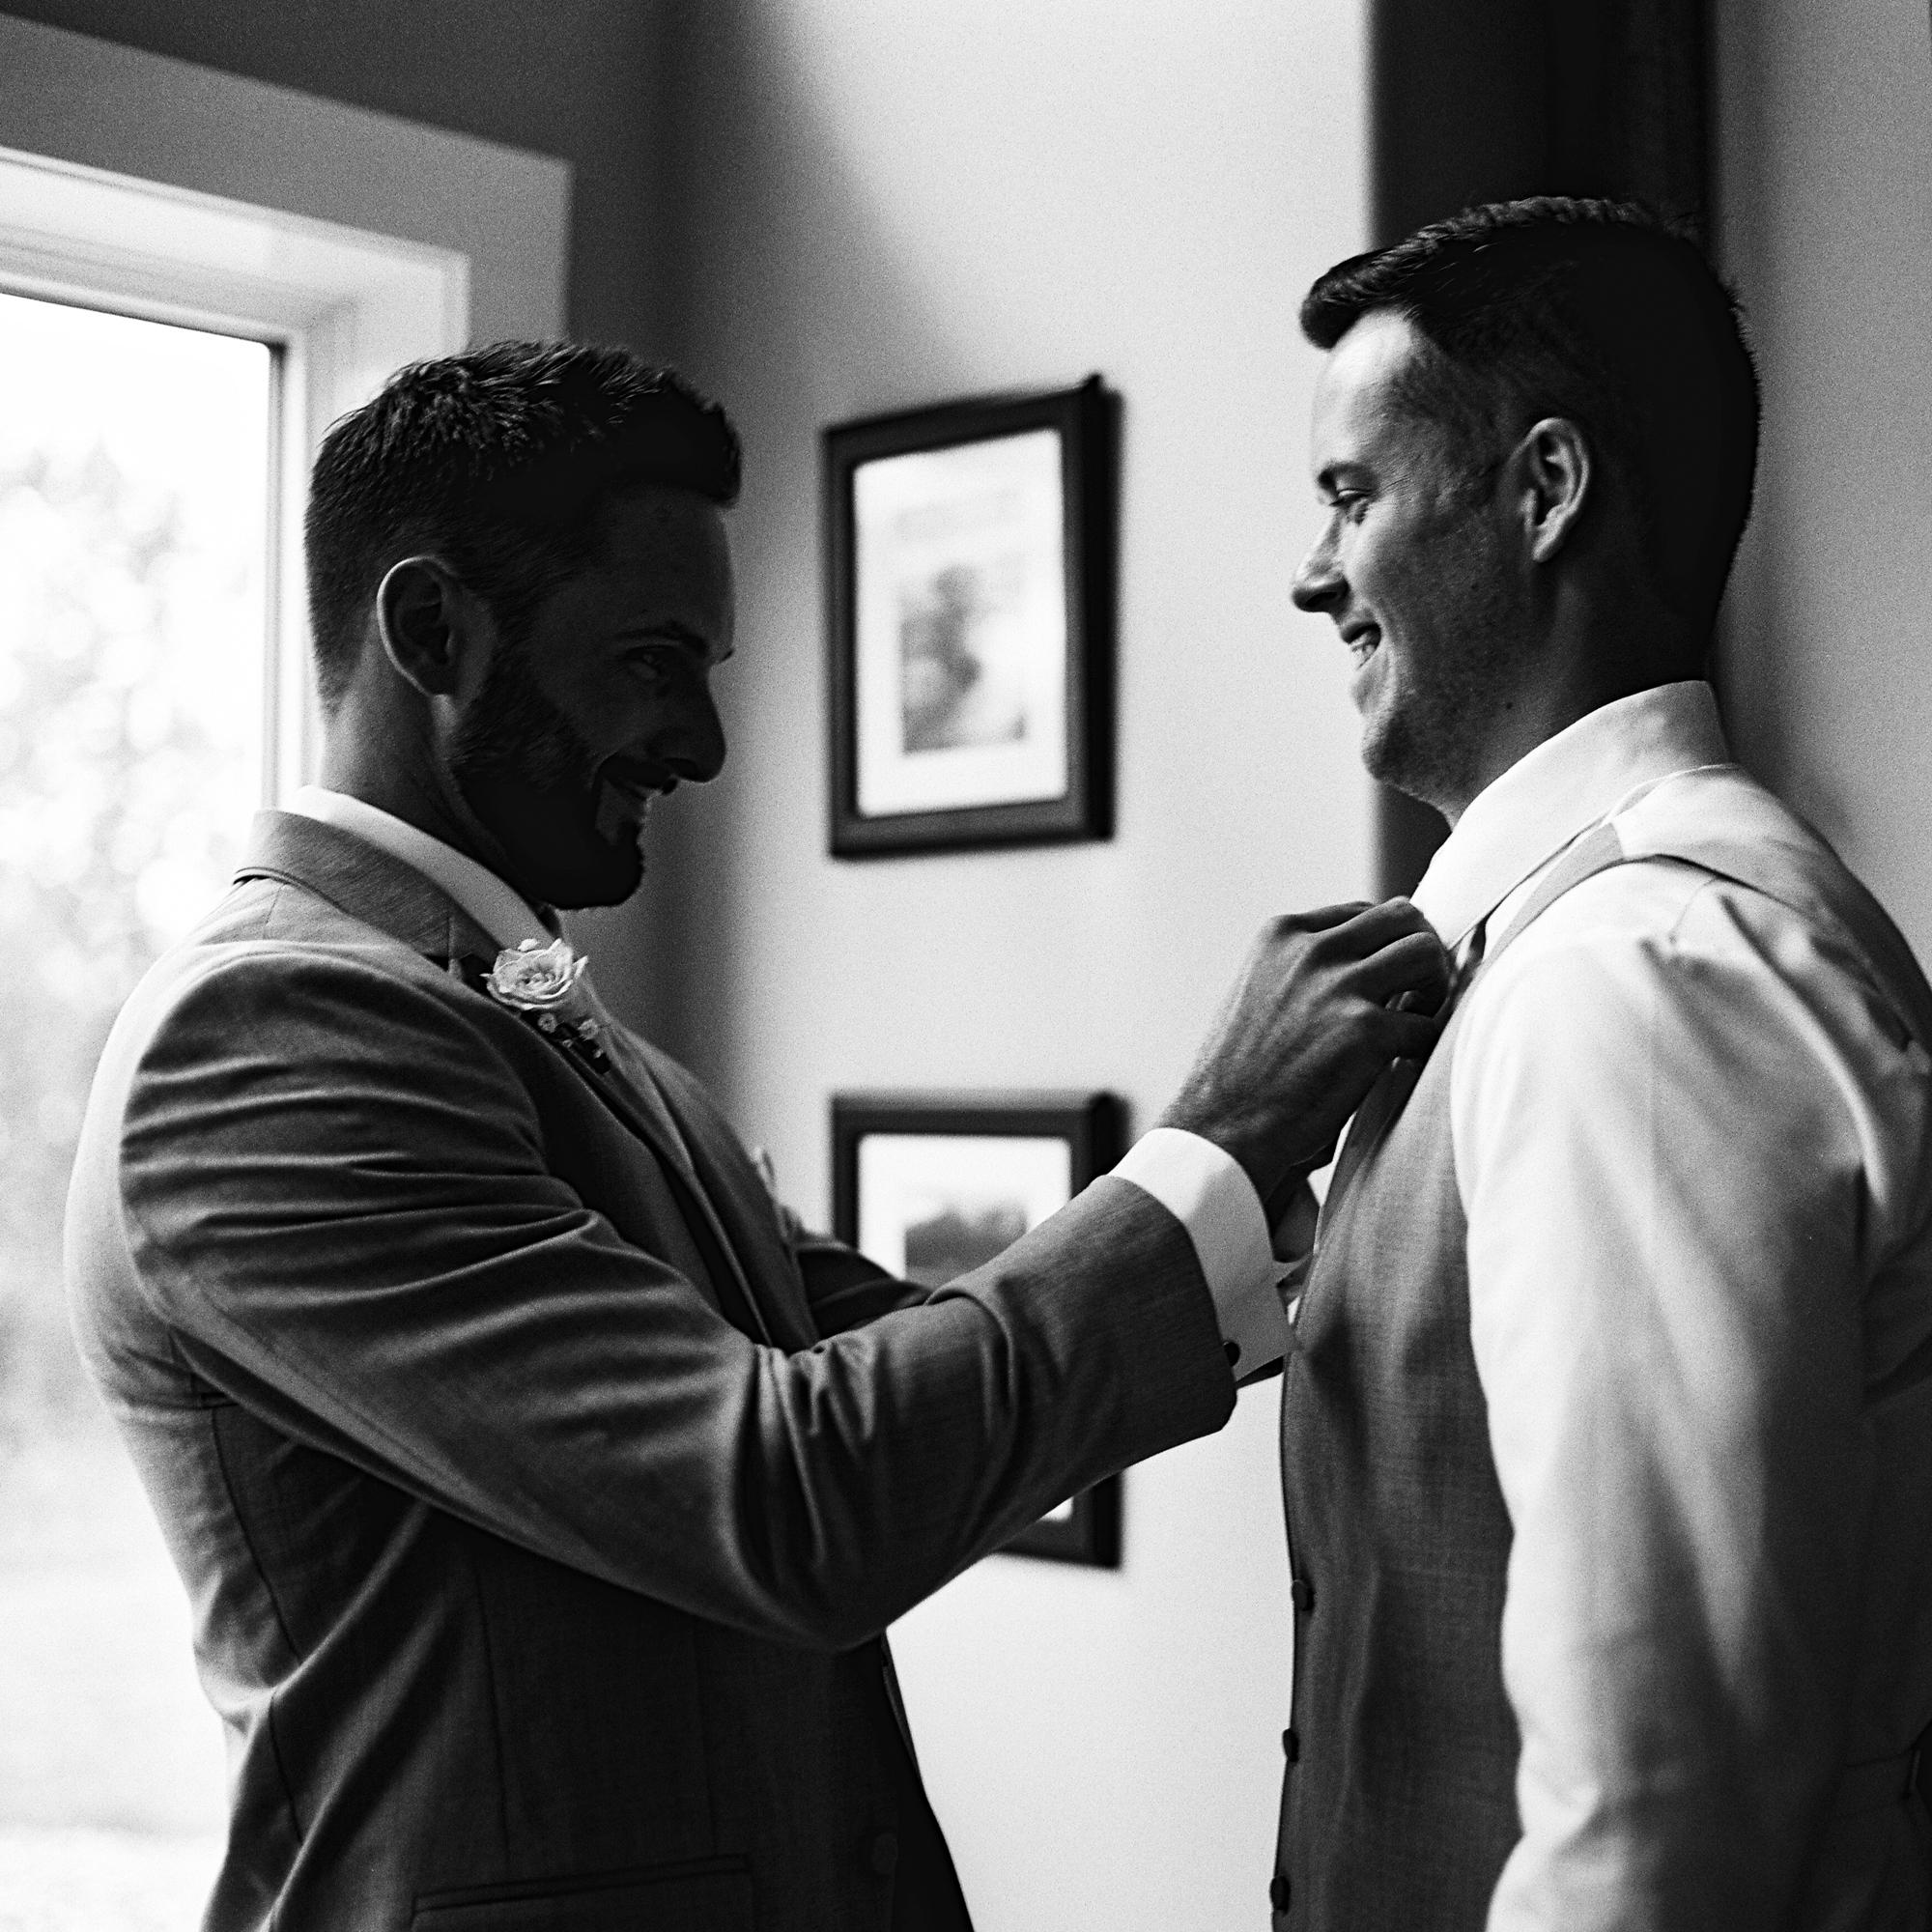 Groomsman fix groom's tie